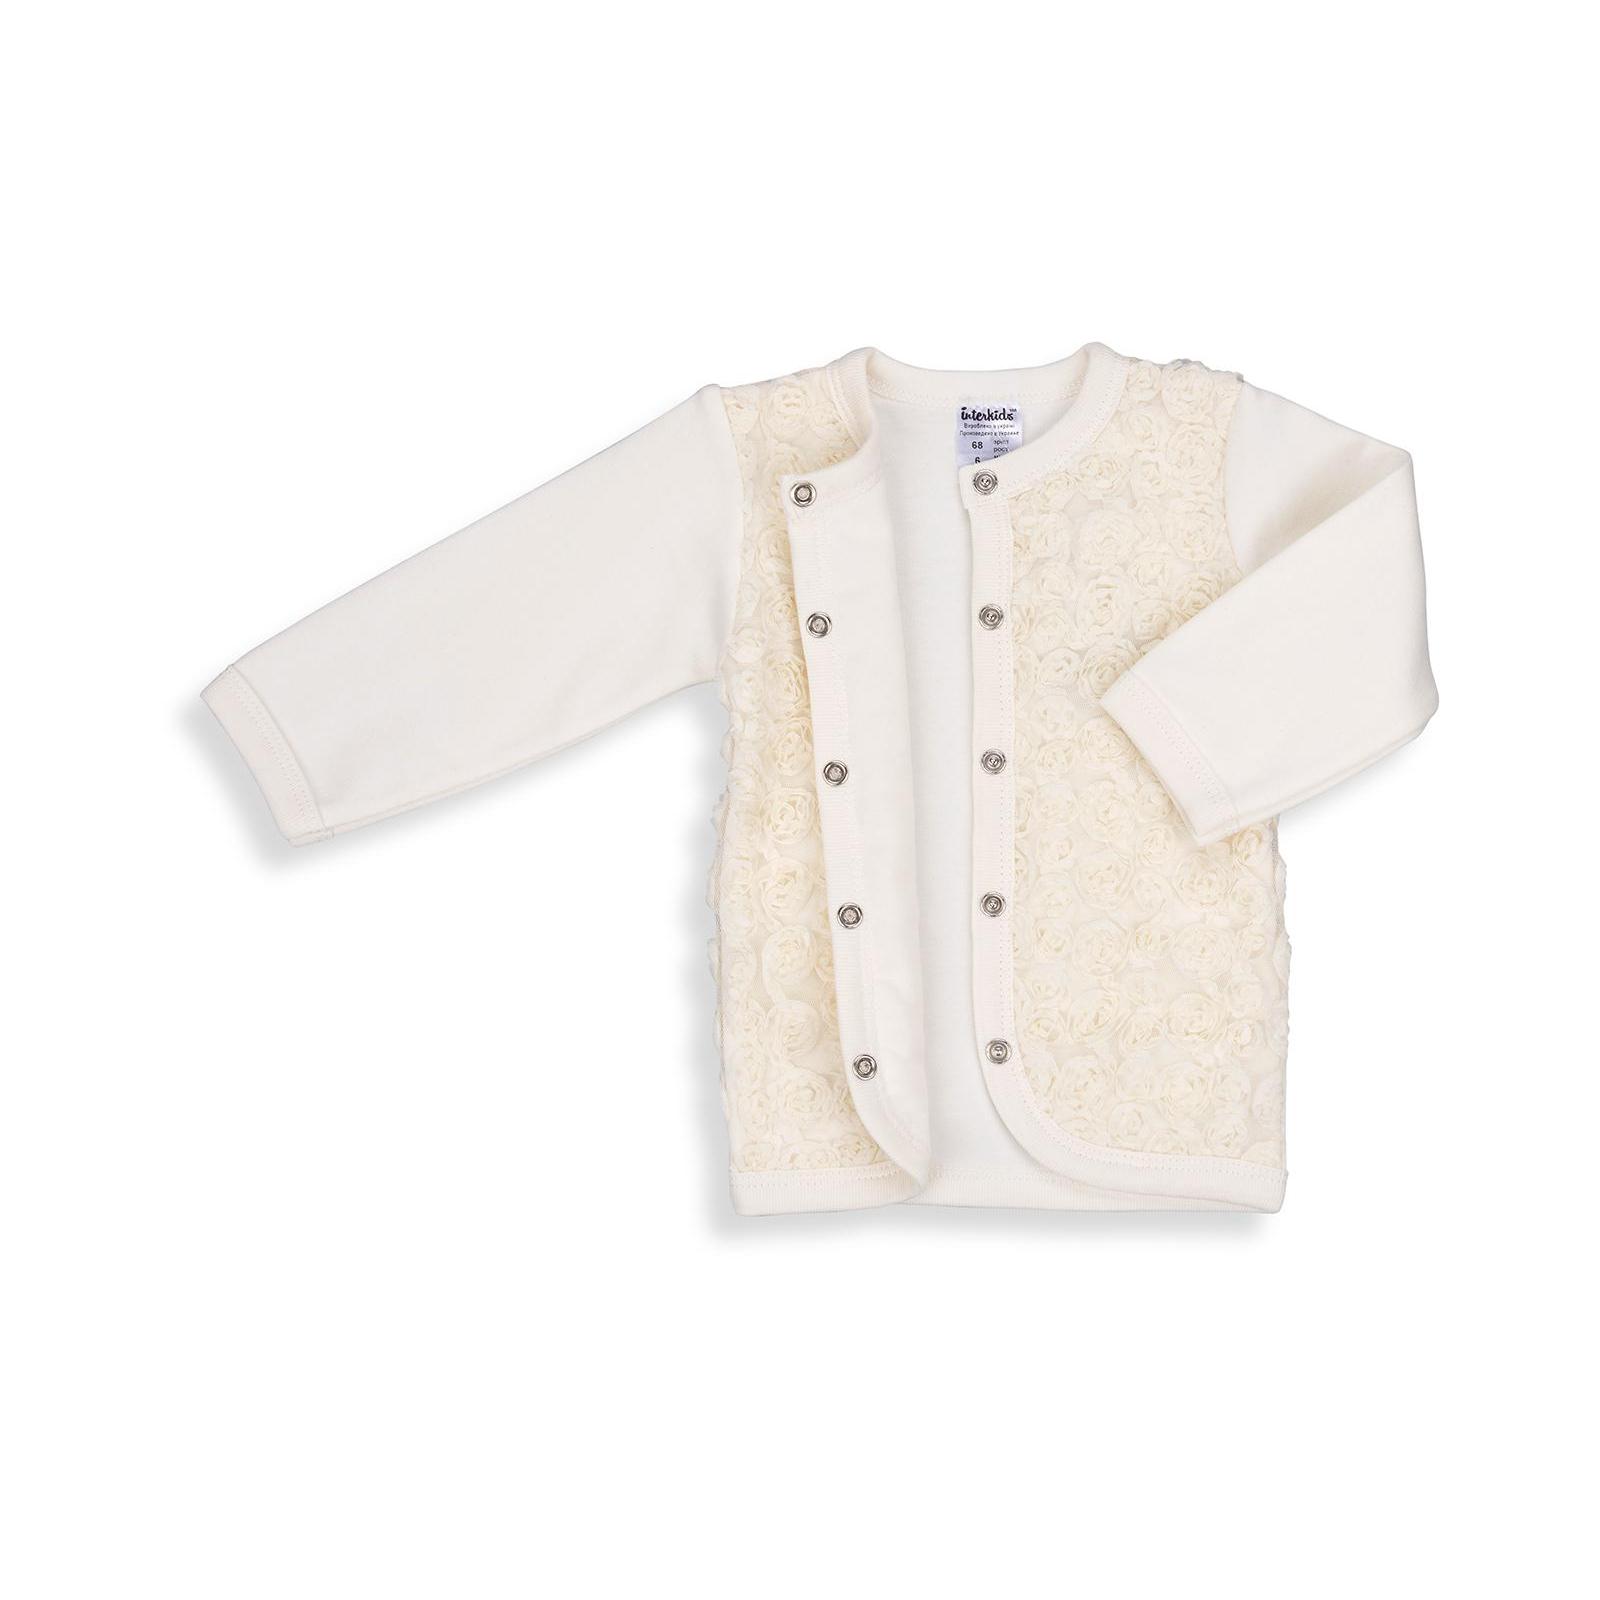 Набор детской одежды Интеркидс с розочками (2364-74G-beige) изображение 10